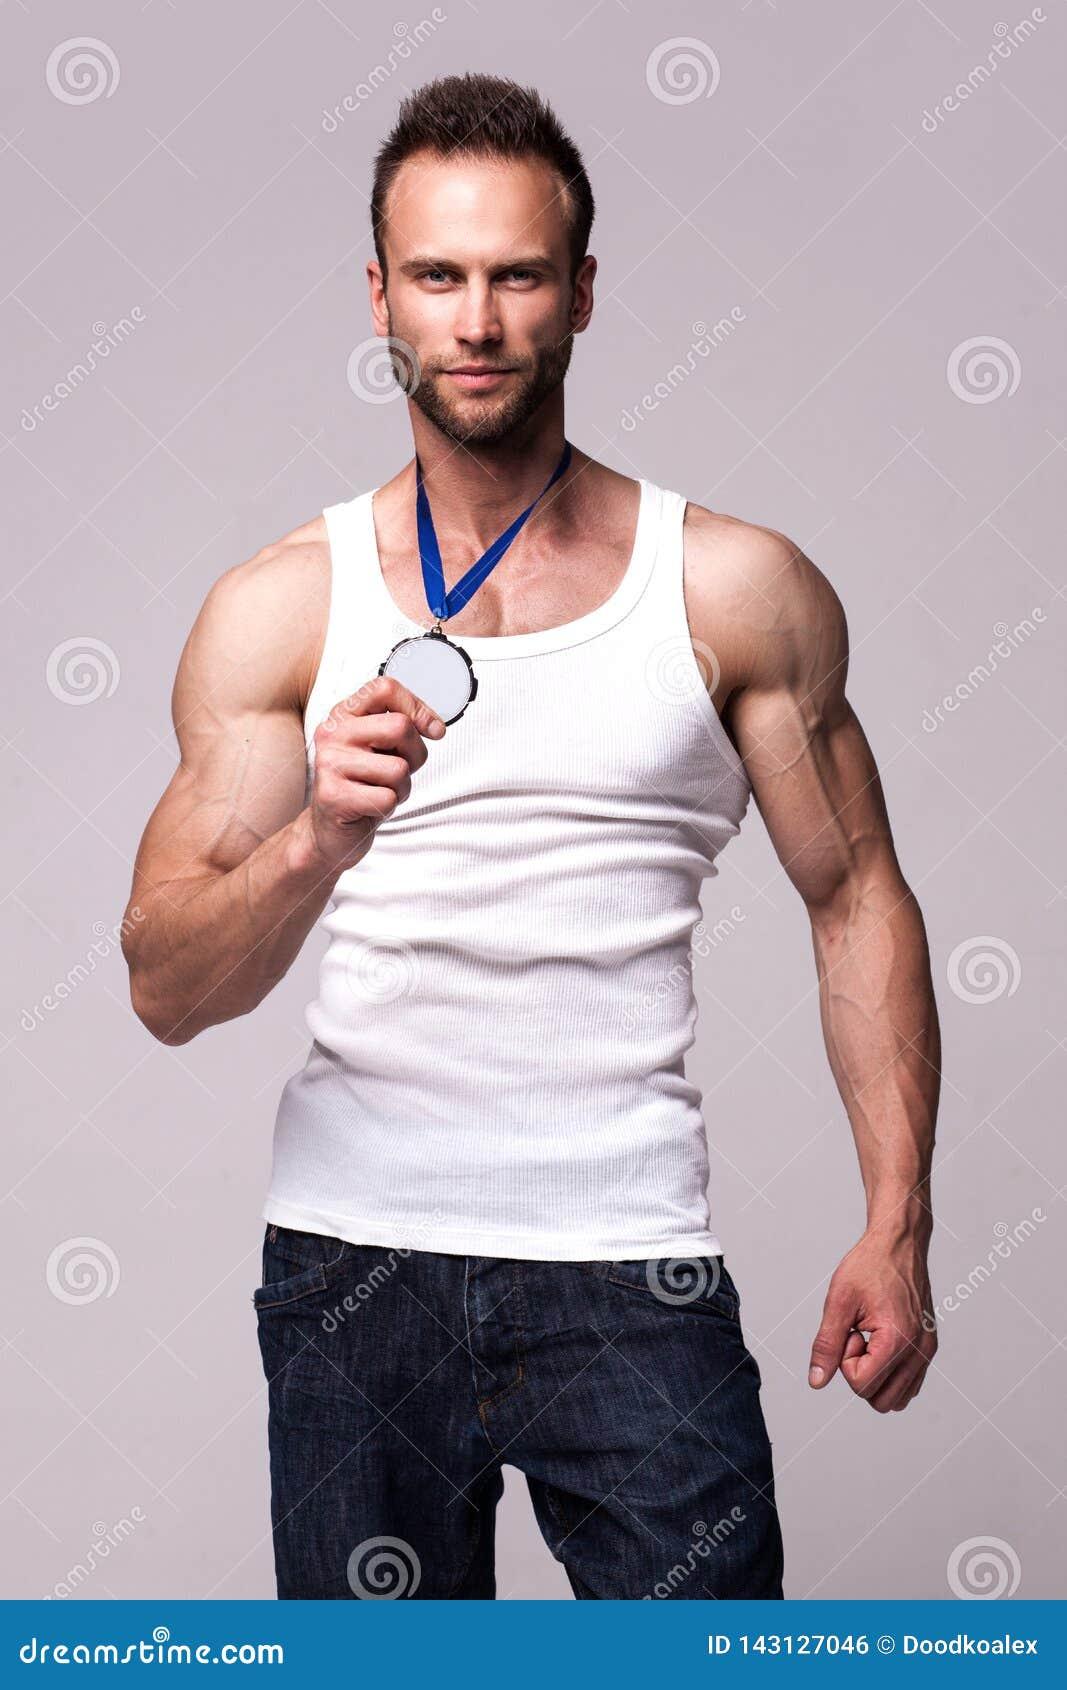 Πορτρέτο του αθλητικού ατόμου άσπρο undershirt με το μετάλλιο πρωτοπόρων